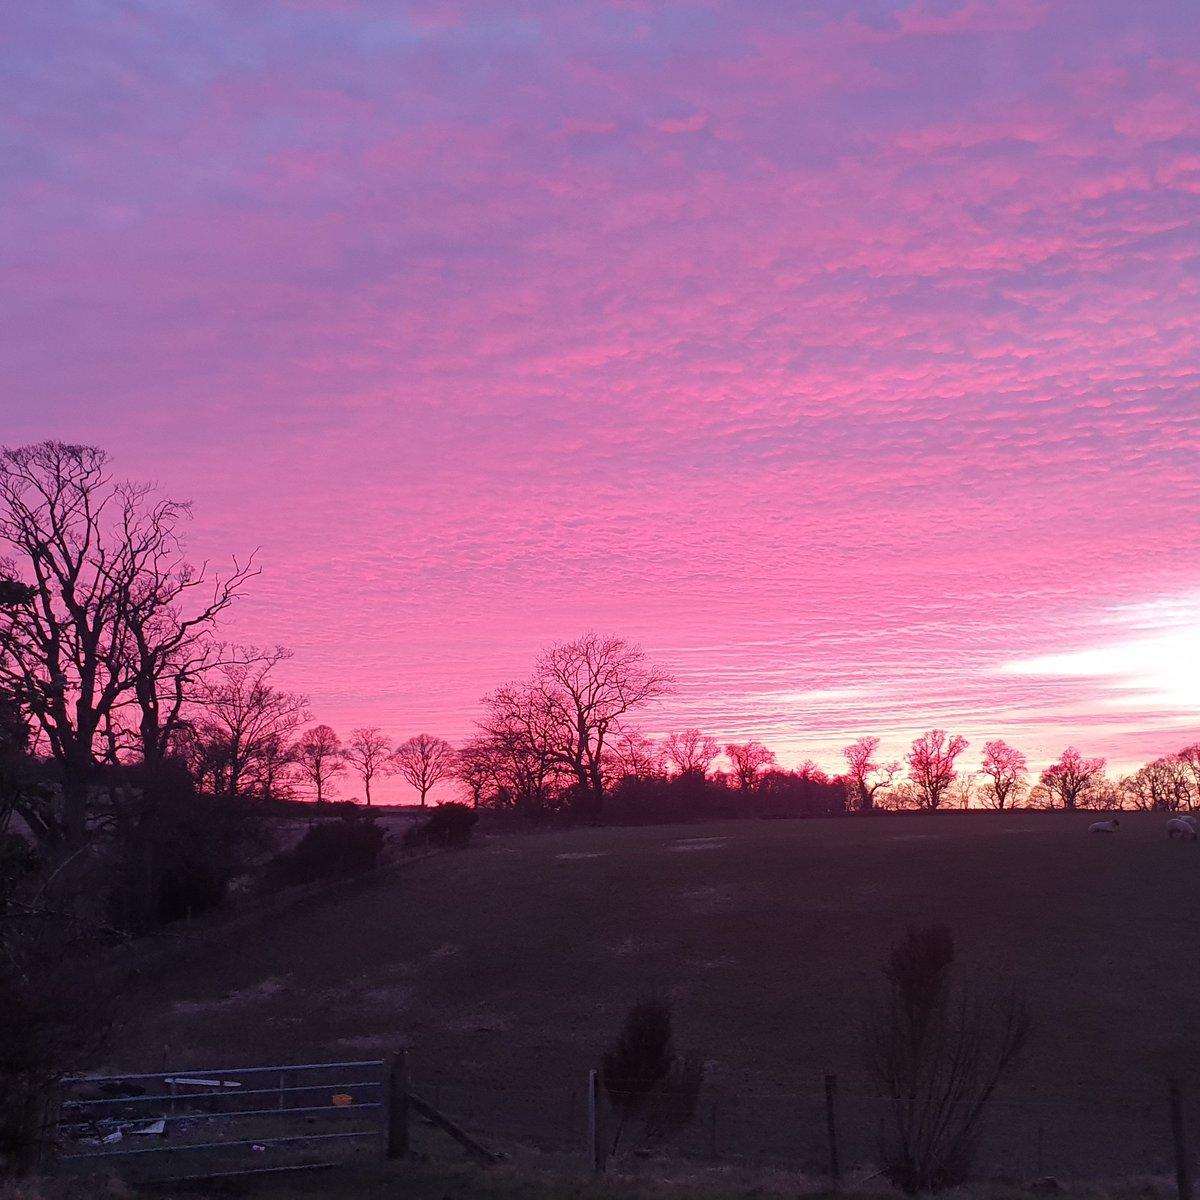 Do love a beautiful sunset   #nofilter #arnbegfarmstayscotland